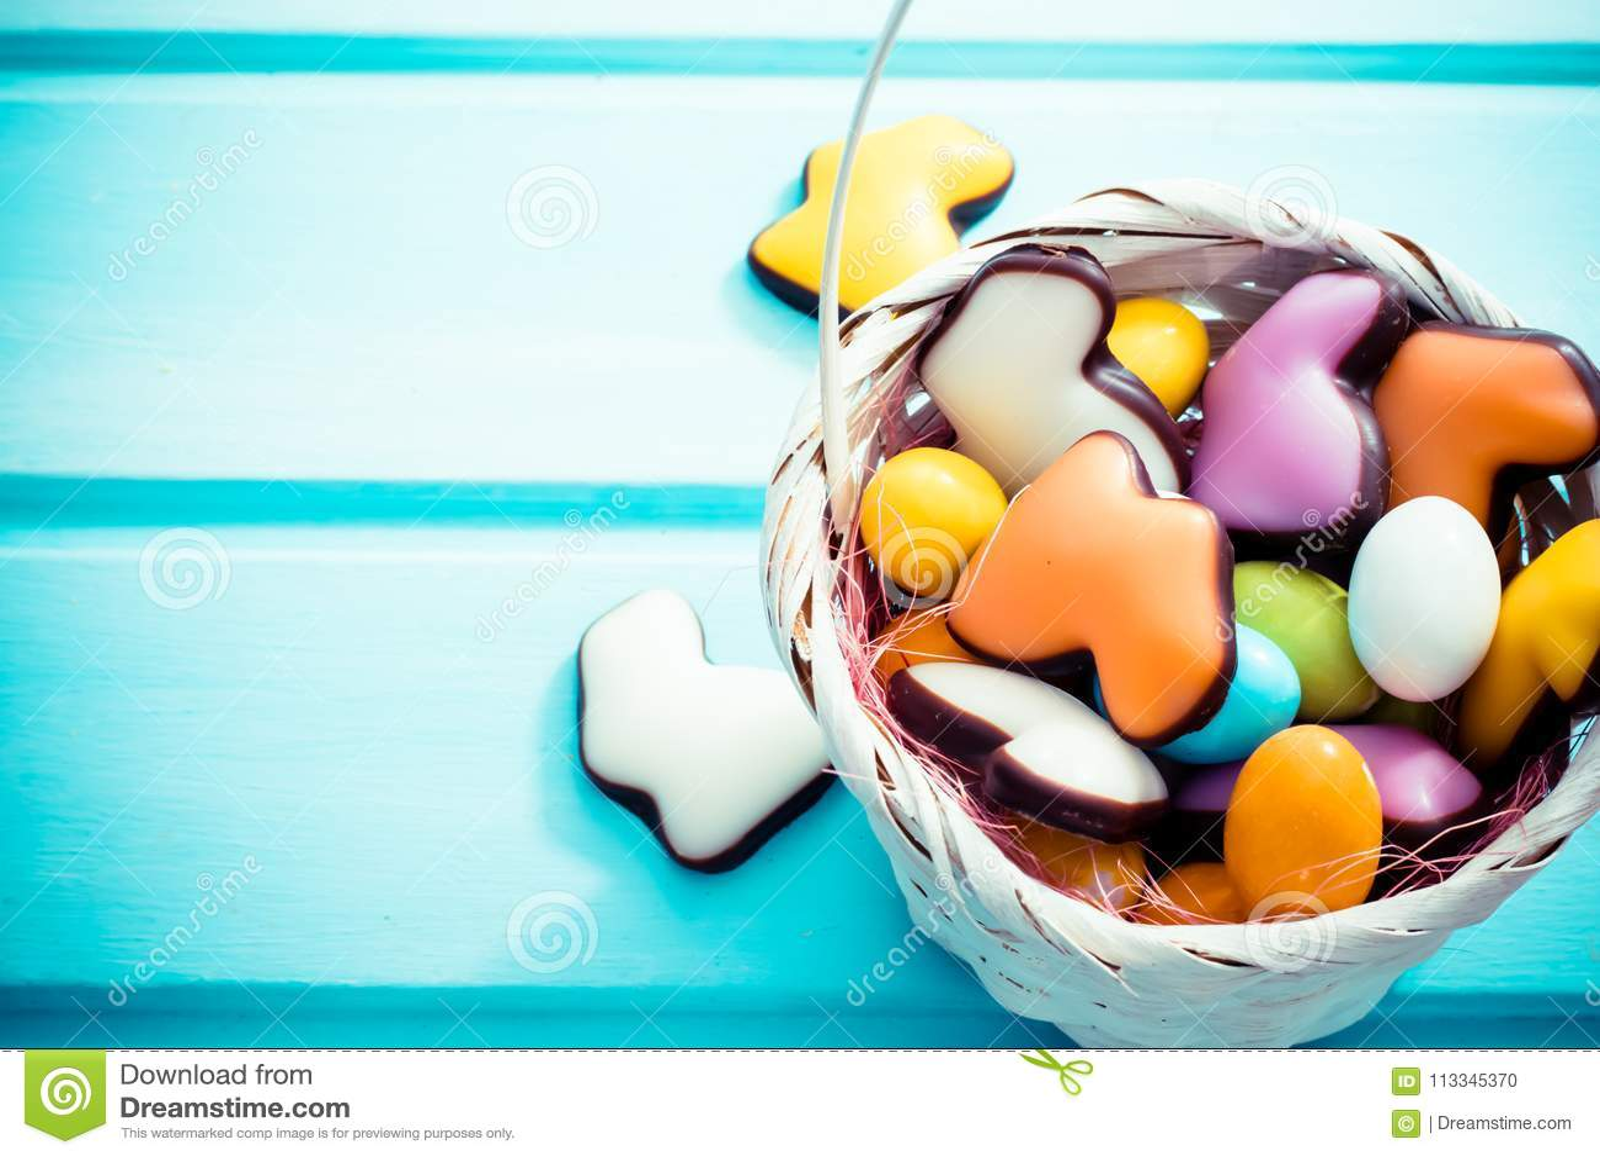 Πάσχα ευτυχές Άσπρο σύνολο καλαθιών αχύρου των αυγών και των κουνελιών γλυκών colorfull στο ανοικτό μπλε υπόβαθρο Copyspace